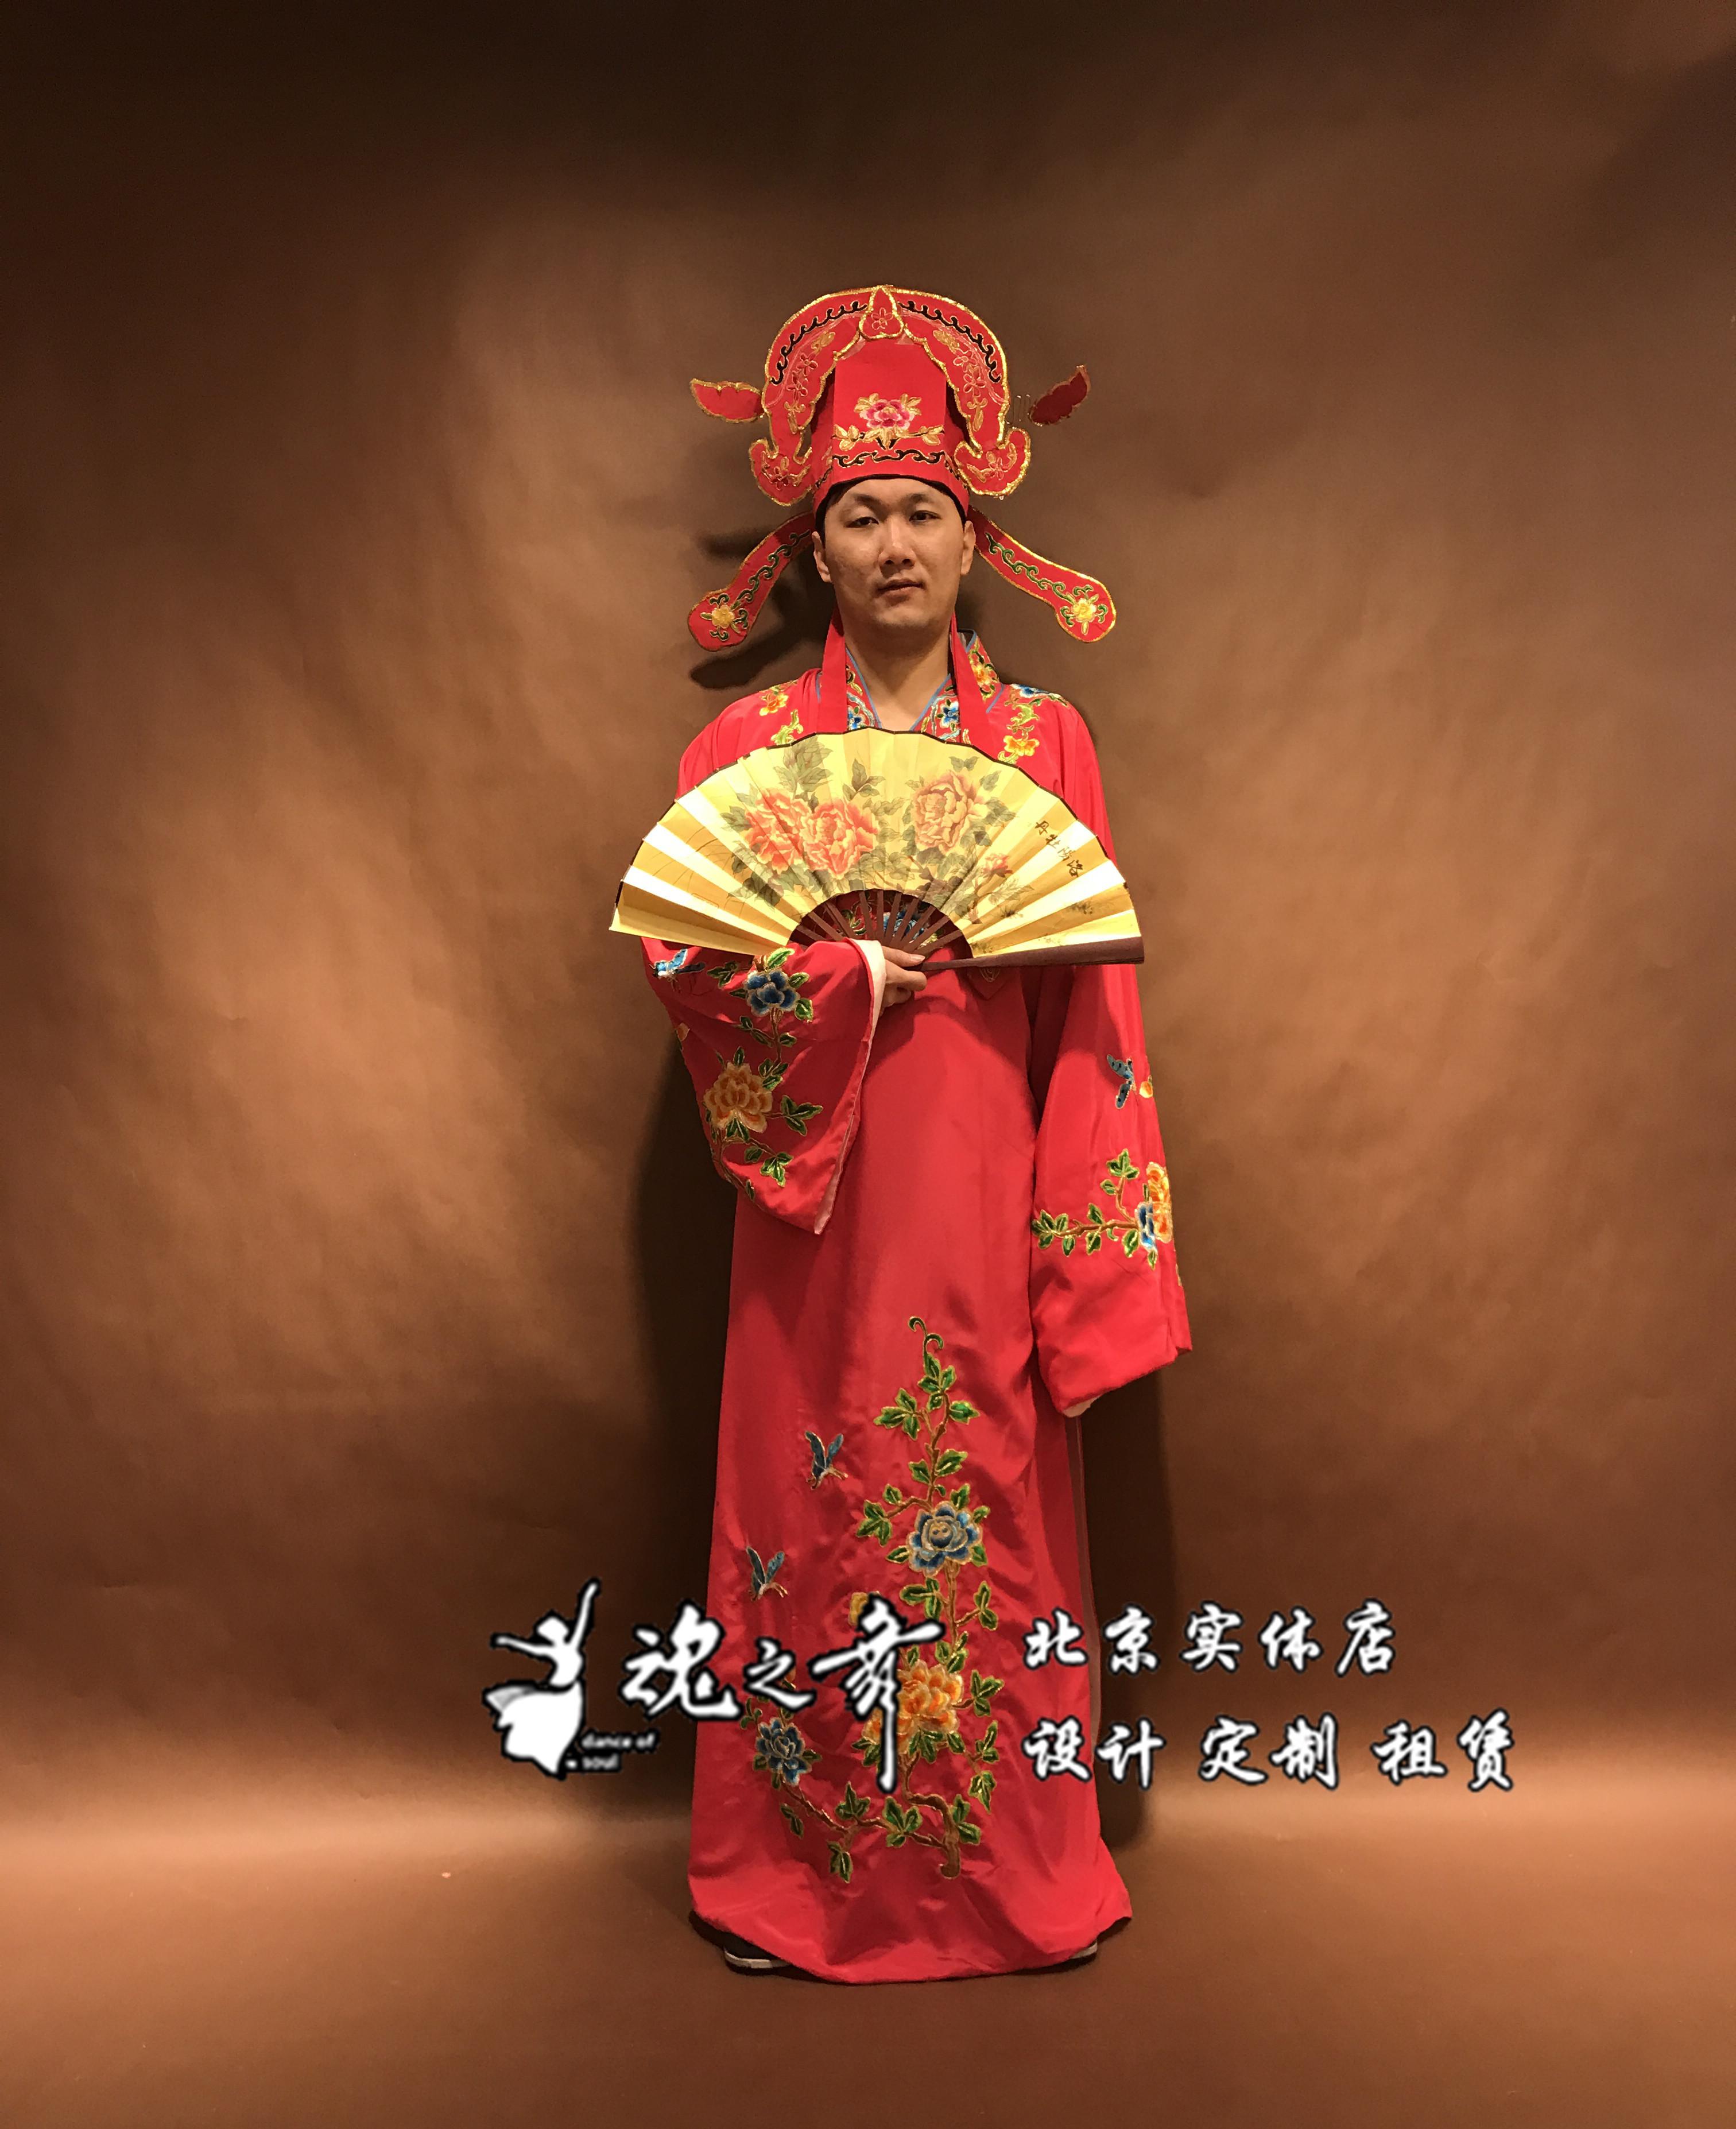 Пекин душа танец аренда стандарт танец одежда производительность одежда мужской угол цвет общий сын брат принц-консорт лошадь одежда 1